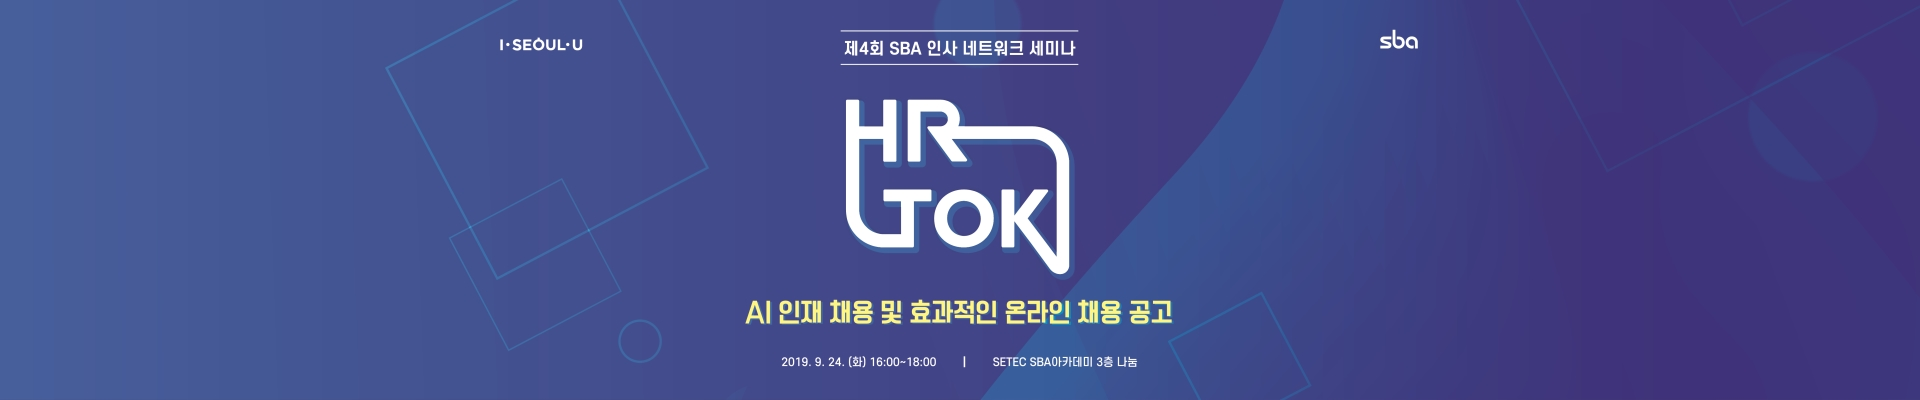 이벤터스_제4회 HR TOK - AI 인재 채용 및 온라인 채용공고 TIP